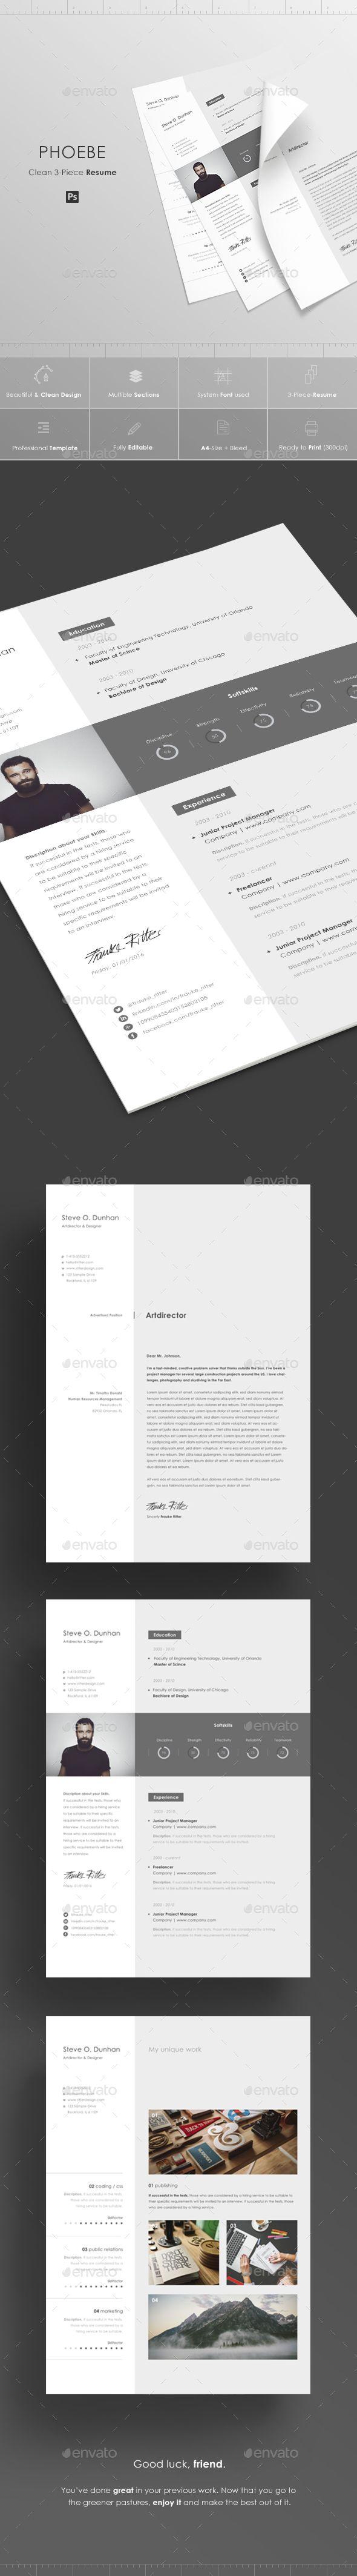 Resume | Currículum, Curriculums y Portafolio